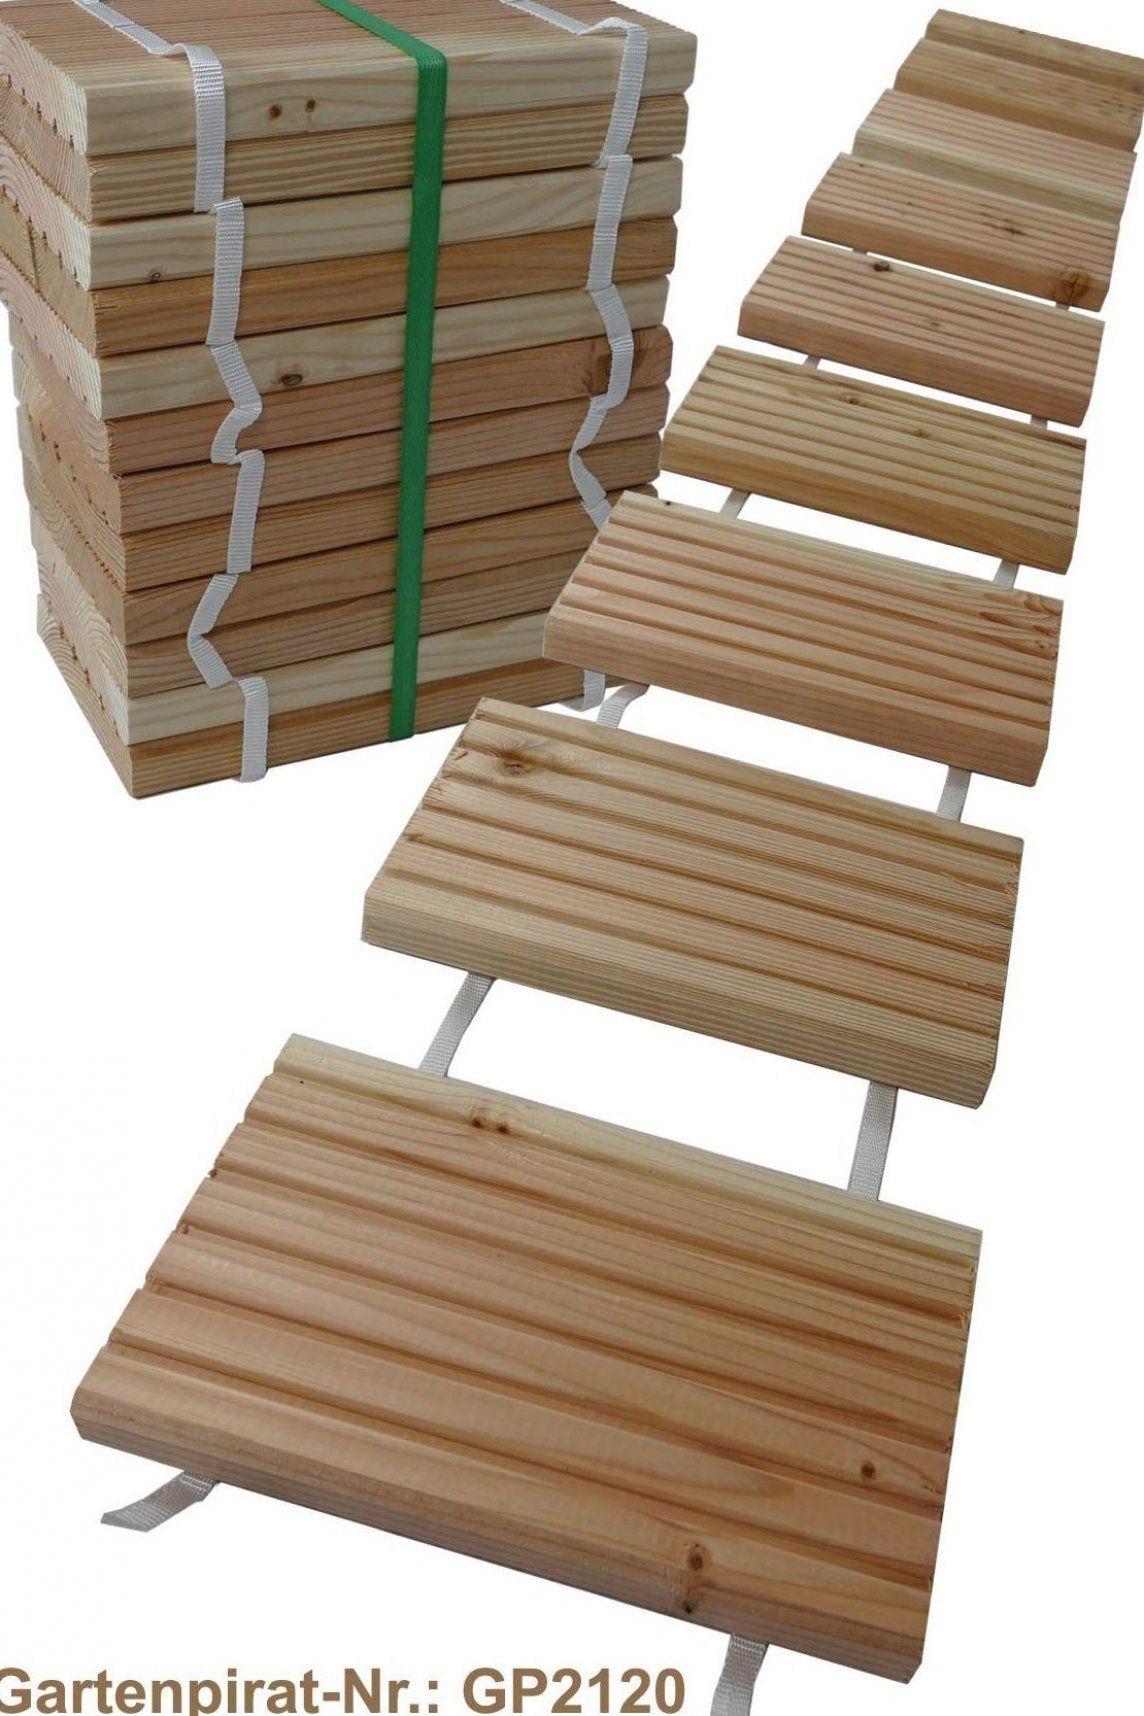 Dekorative Holztritte Zur Individuellen Gestaltung Ihres Gartenwegs Gehwegplatten Trittplatten Aus Holz F R Den In 2020 Diy Outdoor Furniture Wood Tile Wooden Tile